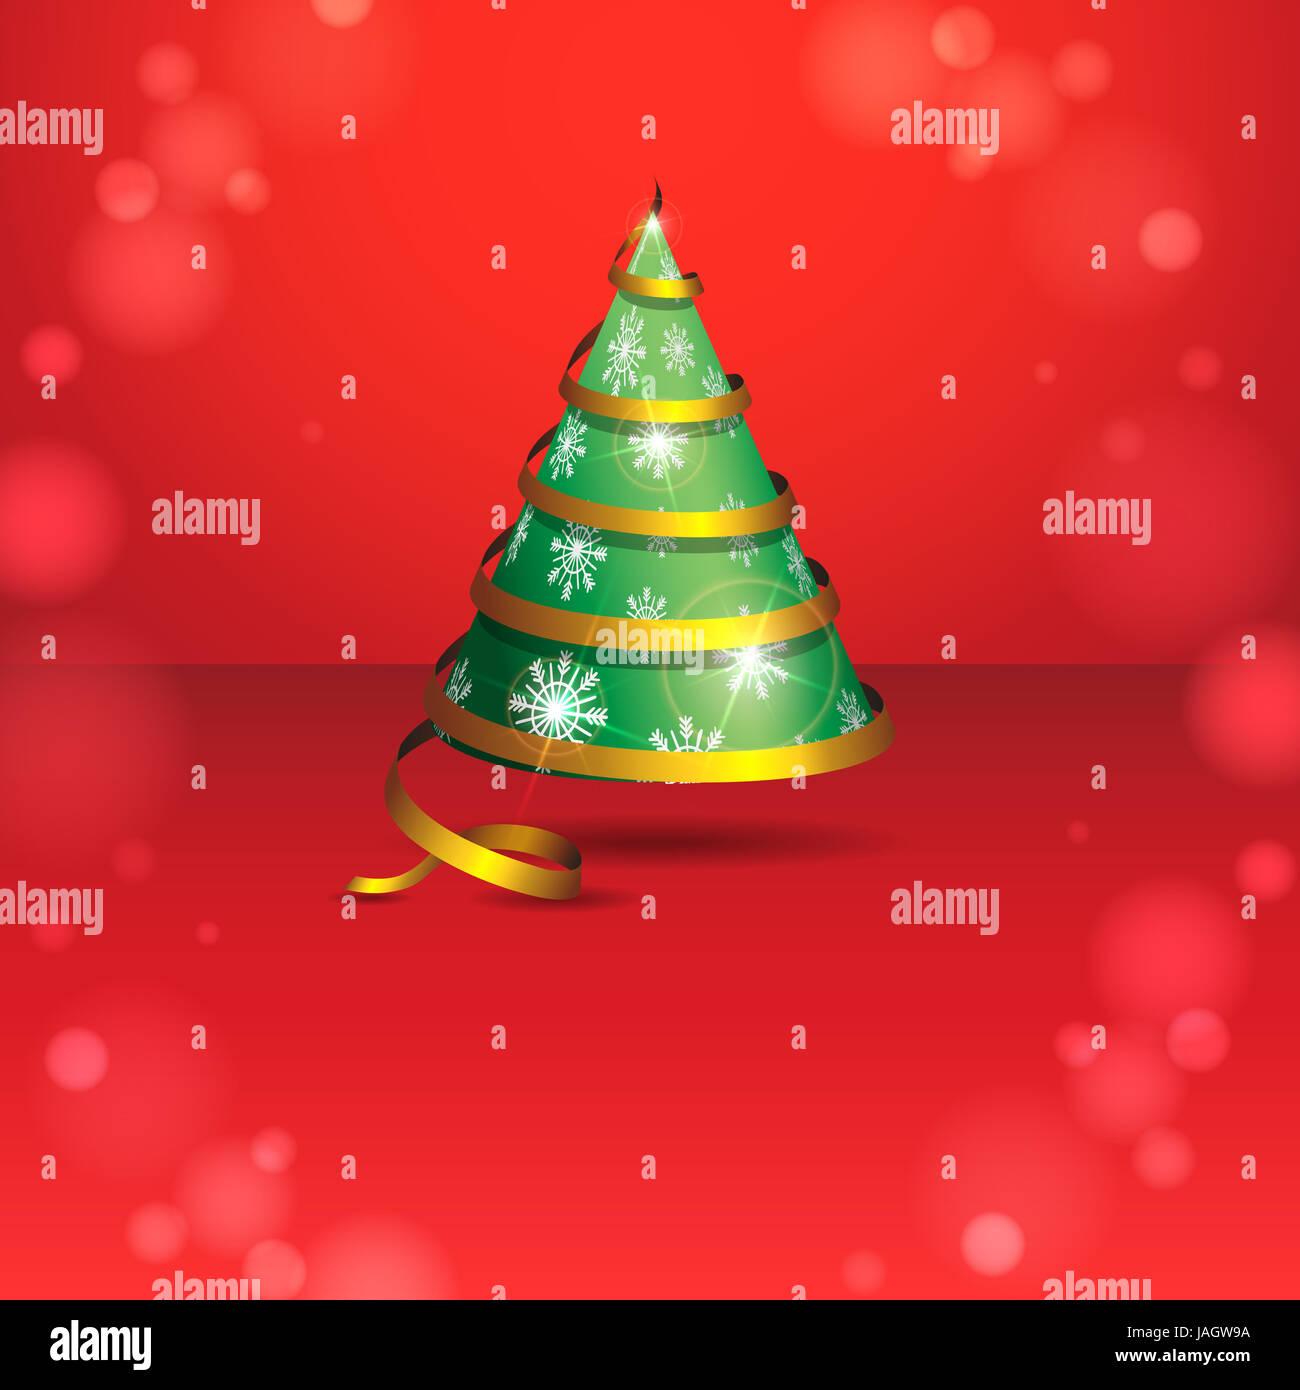 Ziemlich 3d Weihnachtsbaum Vorlage Fotos - Beispielzusammenfassung ...